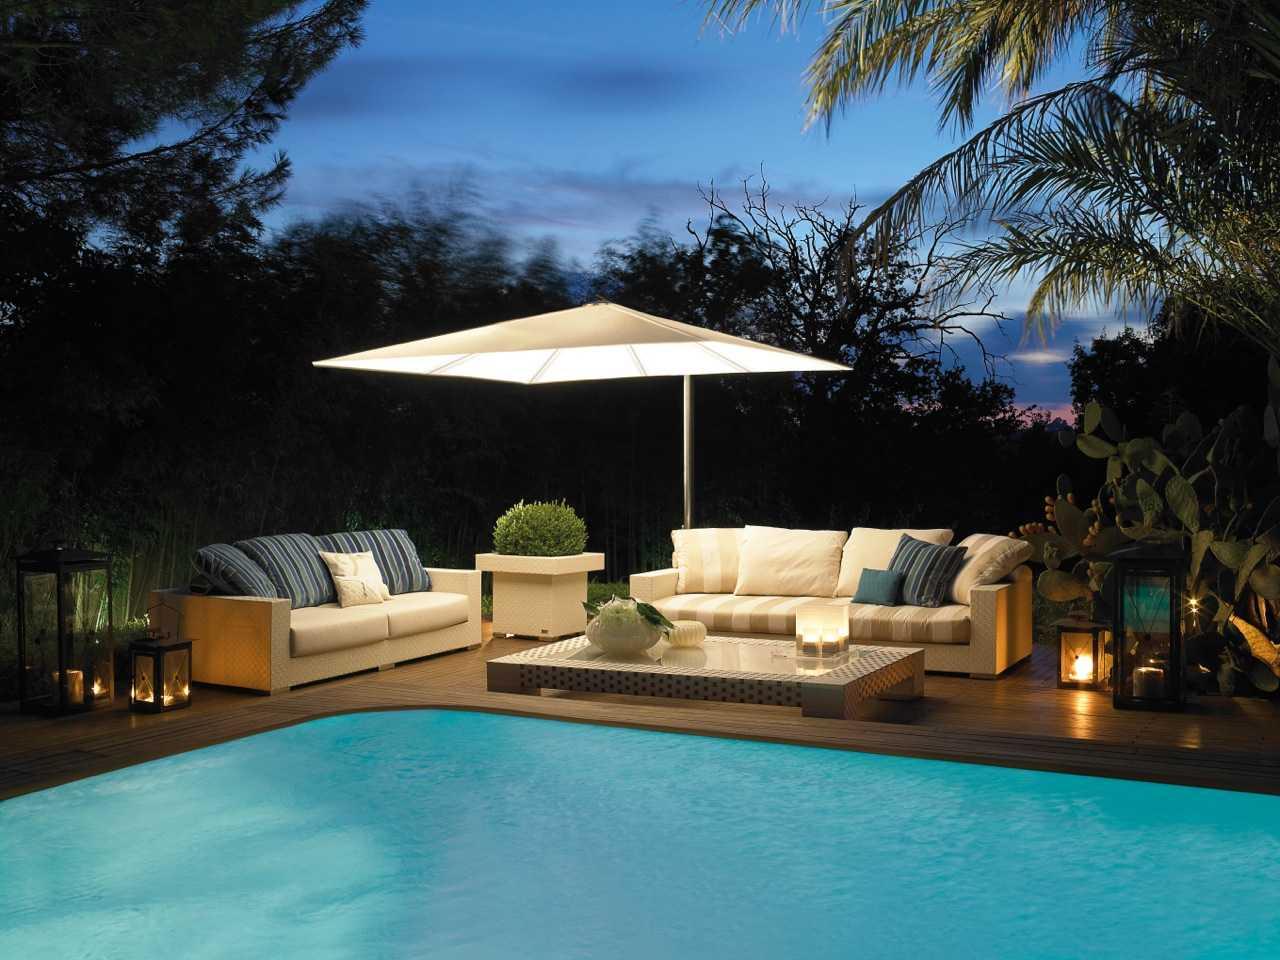 Arredo giardino idee e consigli per l 39 arredo esterno for Mobili per terrazzi e giardini